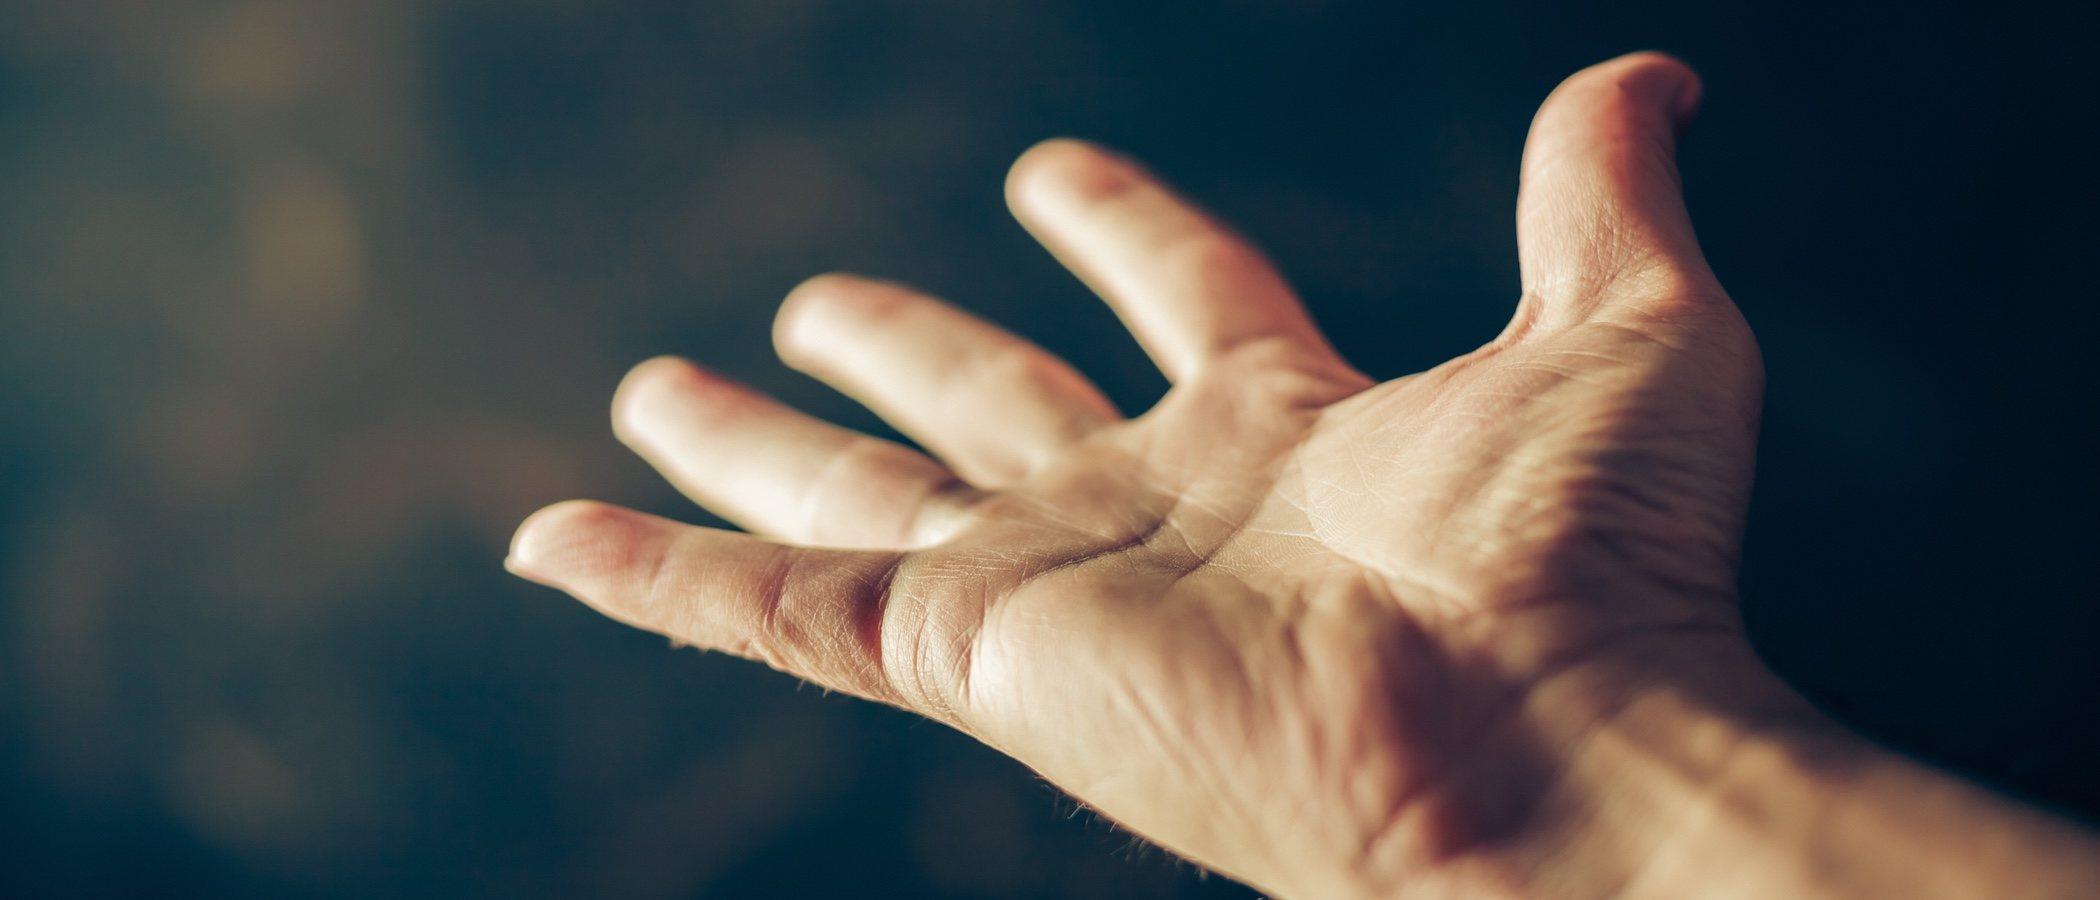 Quiromancia para principiantes: ¿Puedo aprender a leer la mano?